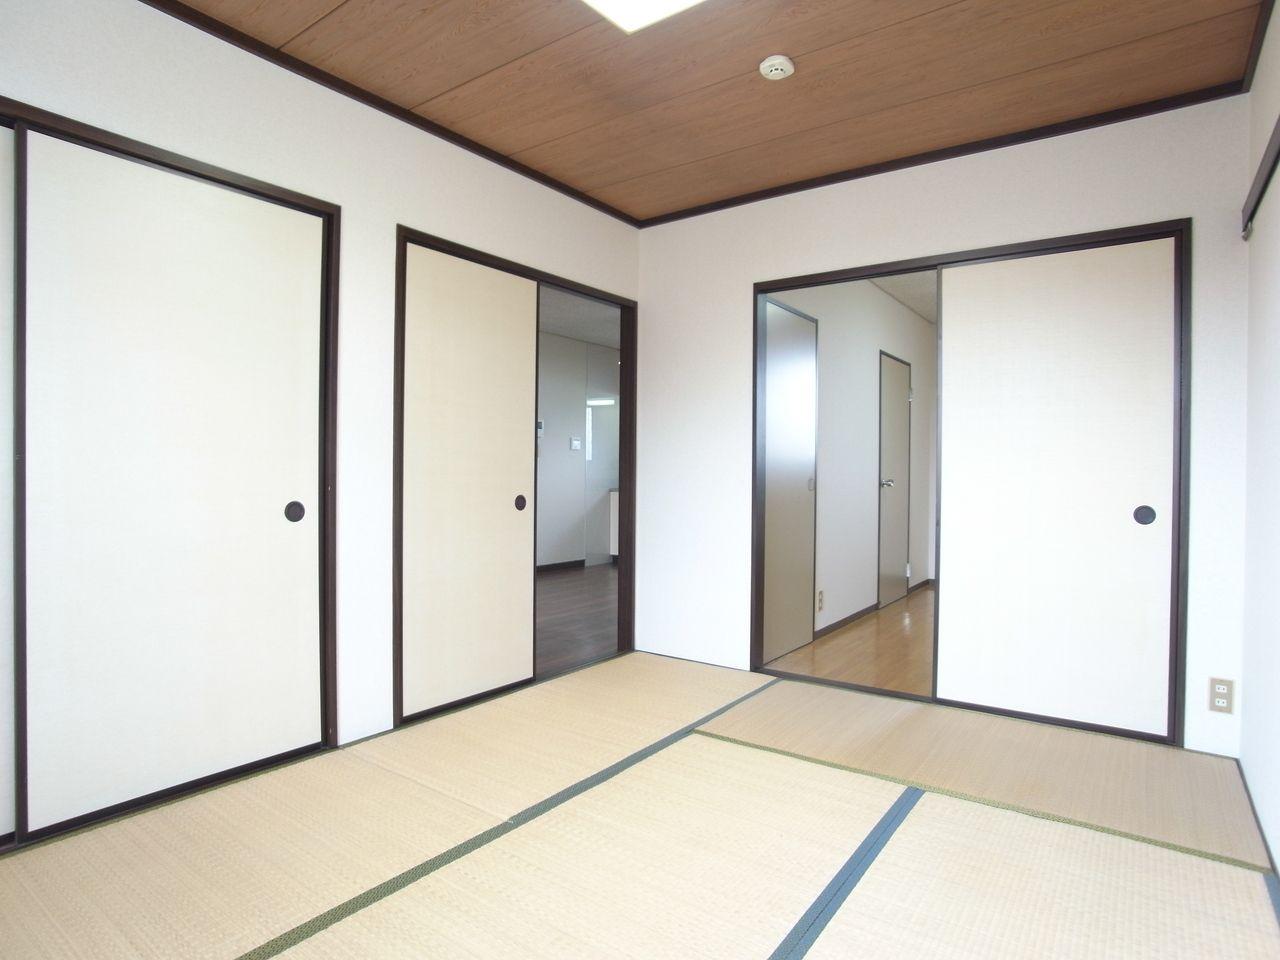 和室から隣室等へは段差もありません。